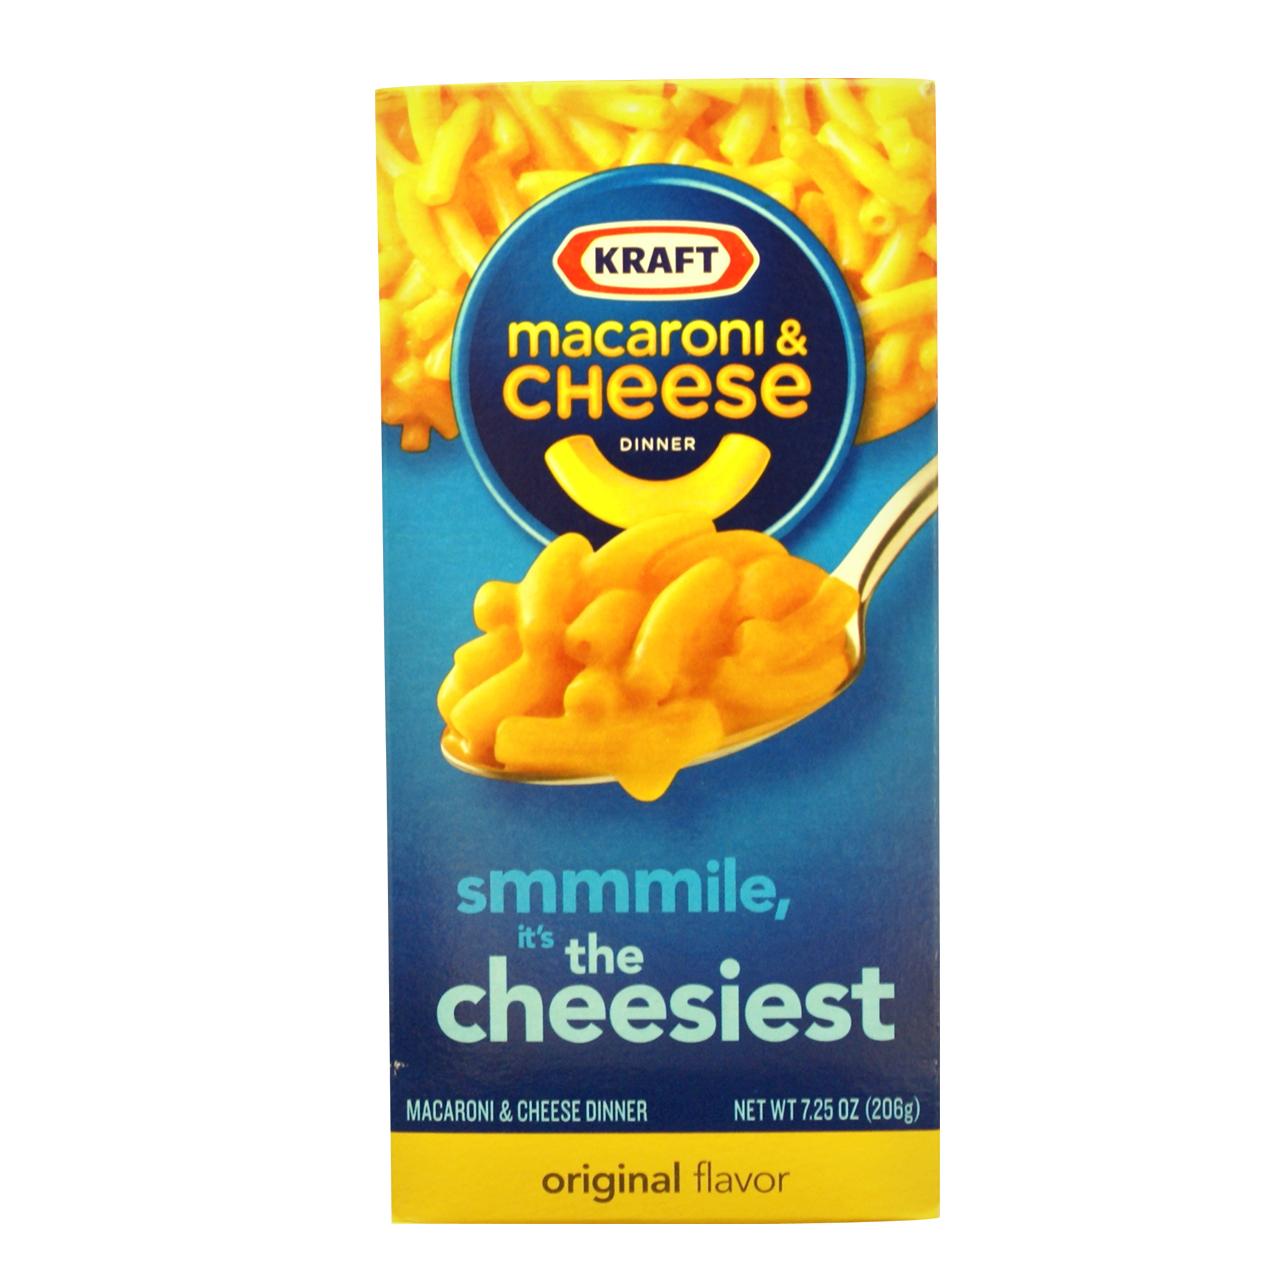 Free Box of Kraft Macaroni and Cheese - SweetFreeStuff.com